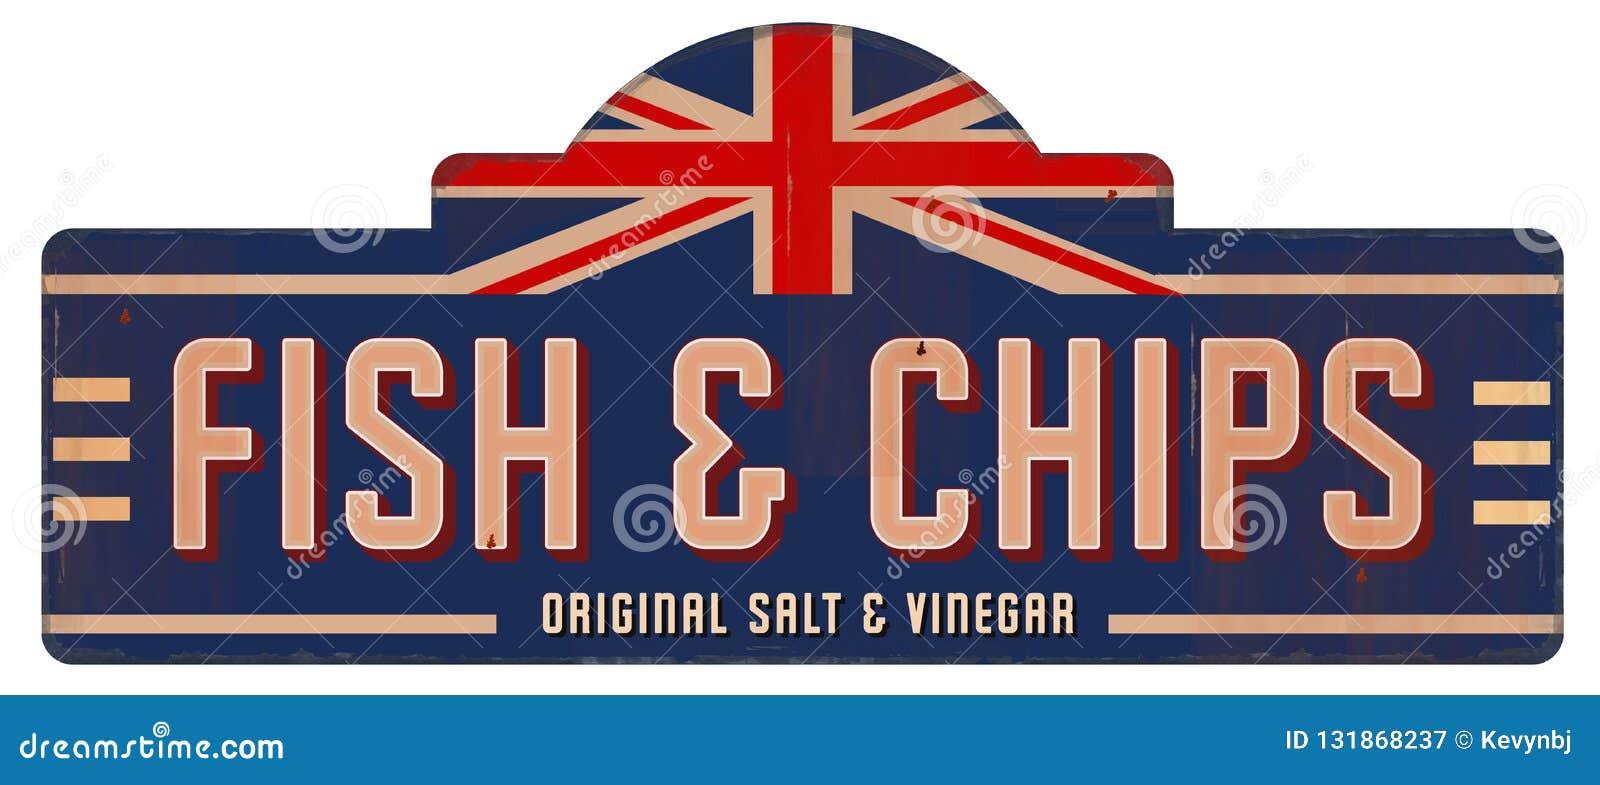 Εκλεκτής ποιότητας μέταλλο αγγλικό βρετανικό Λονδίνο κασσίτερου σημαδιών ψαριών και τσιπ